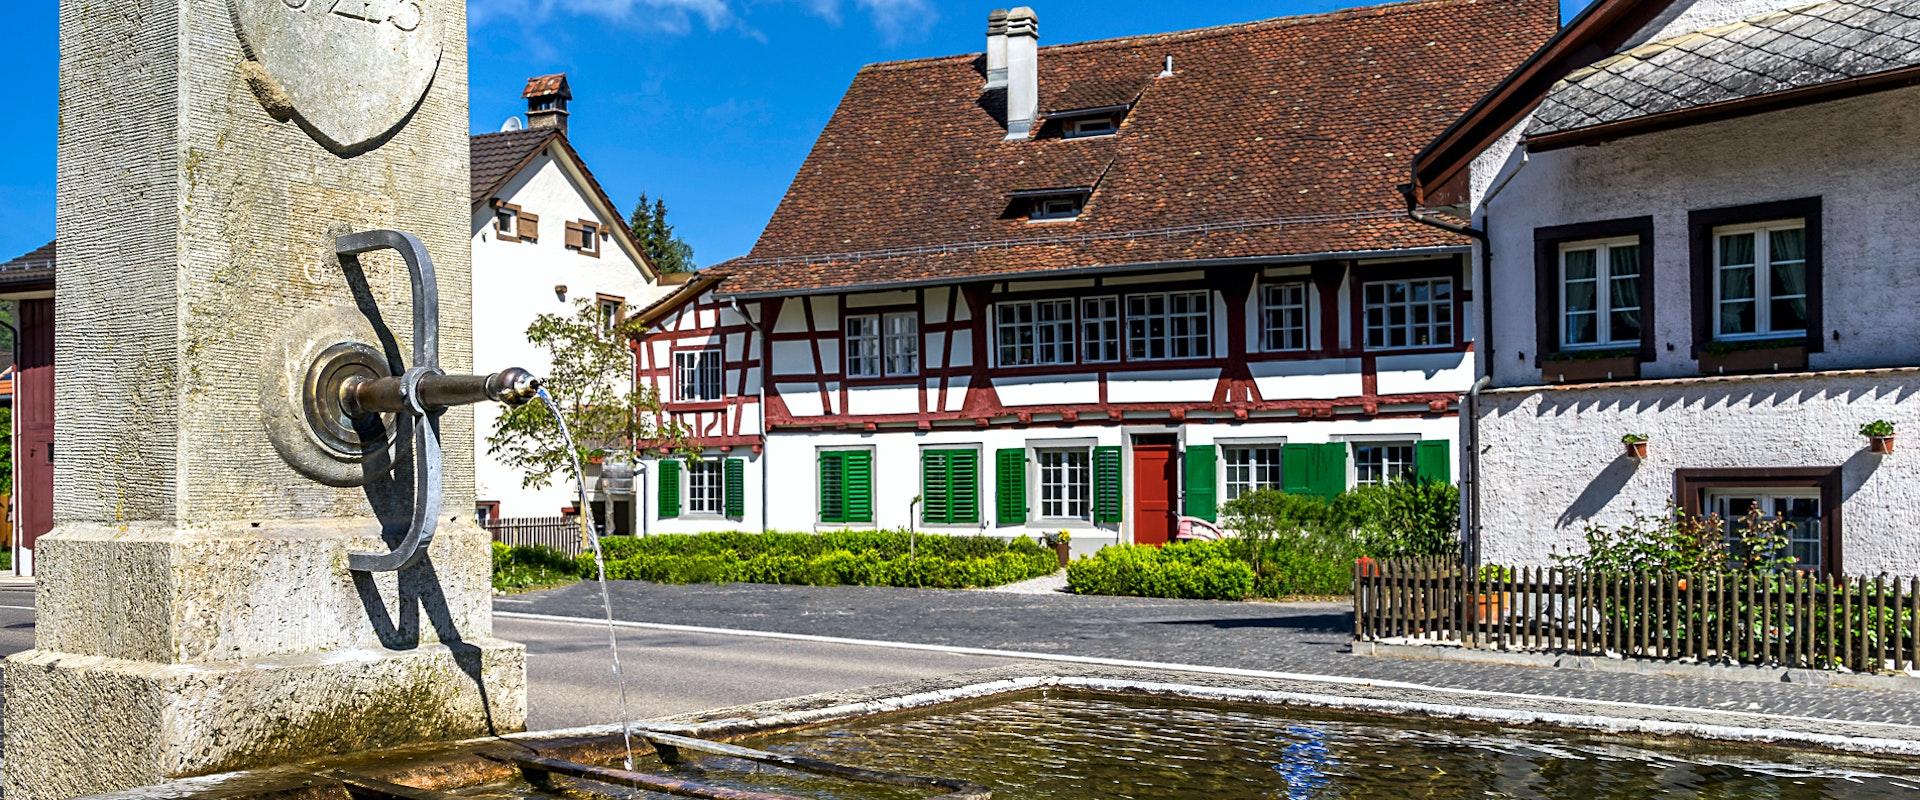 Bild eines Riegelhauses im malerischen Dorfkern von Embrach.